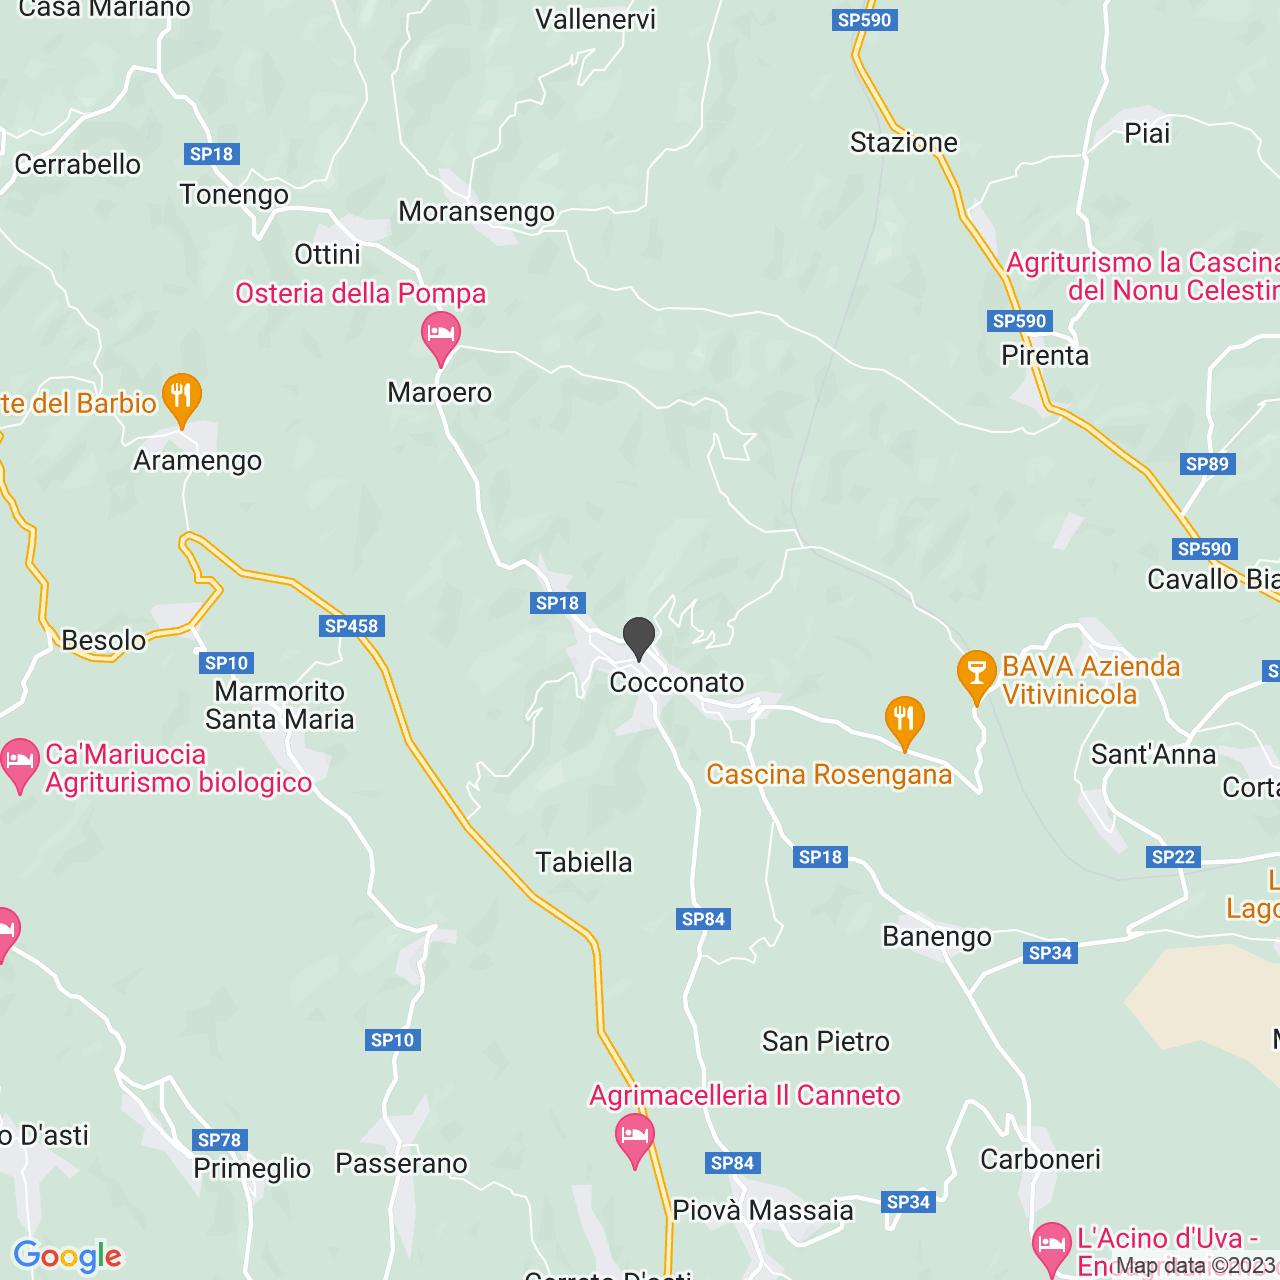 CROCE ROSSA ITALIANA - COMITATO DI COCCONATO - ORGANIZZAZIONE DI VOLONTARIATO